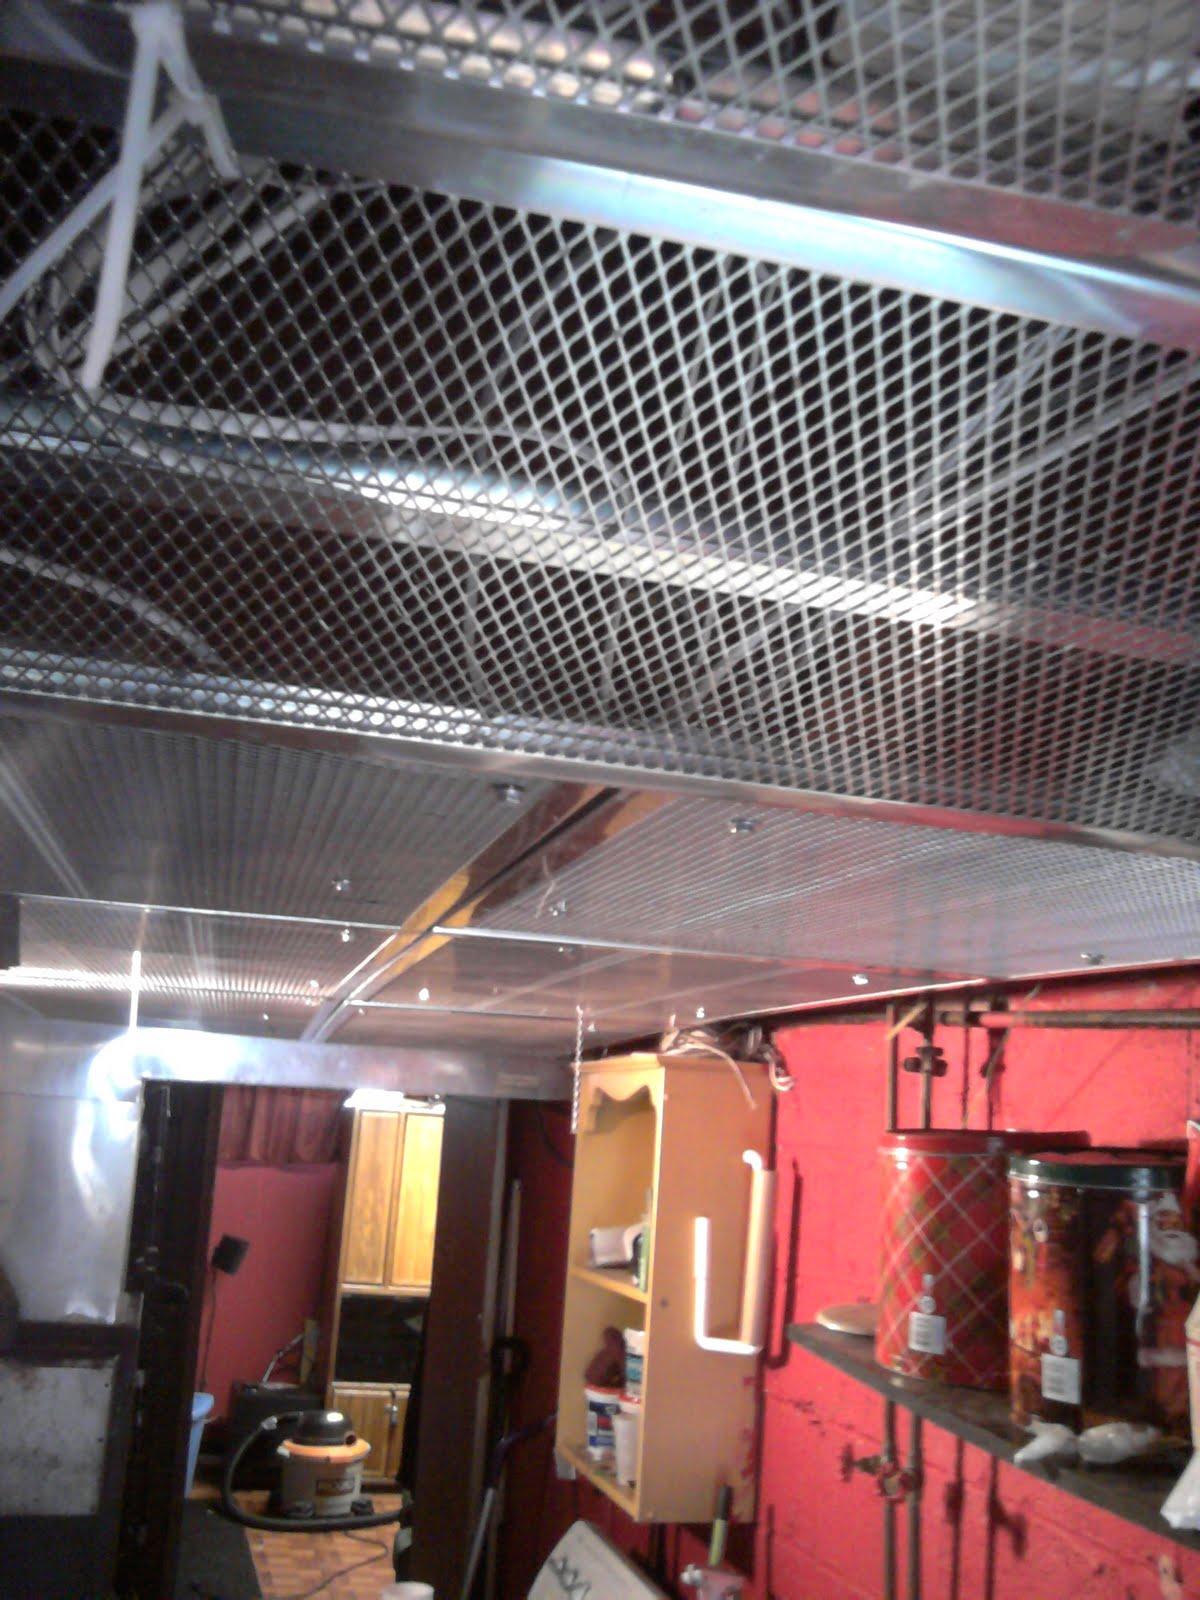 garage loft ideas - Industrial Loft Ceiling IKEA Hackers IKEA Hackers